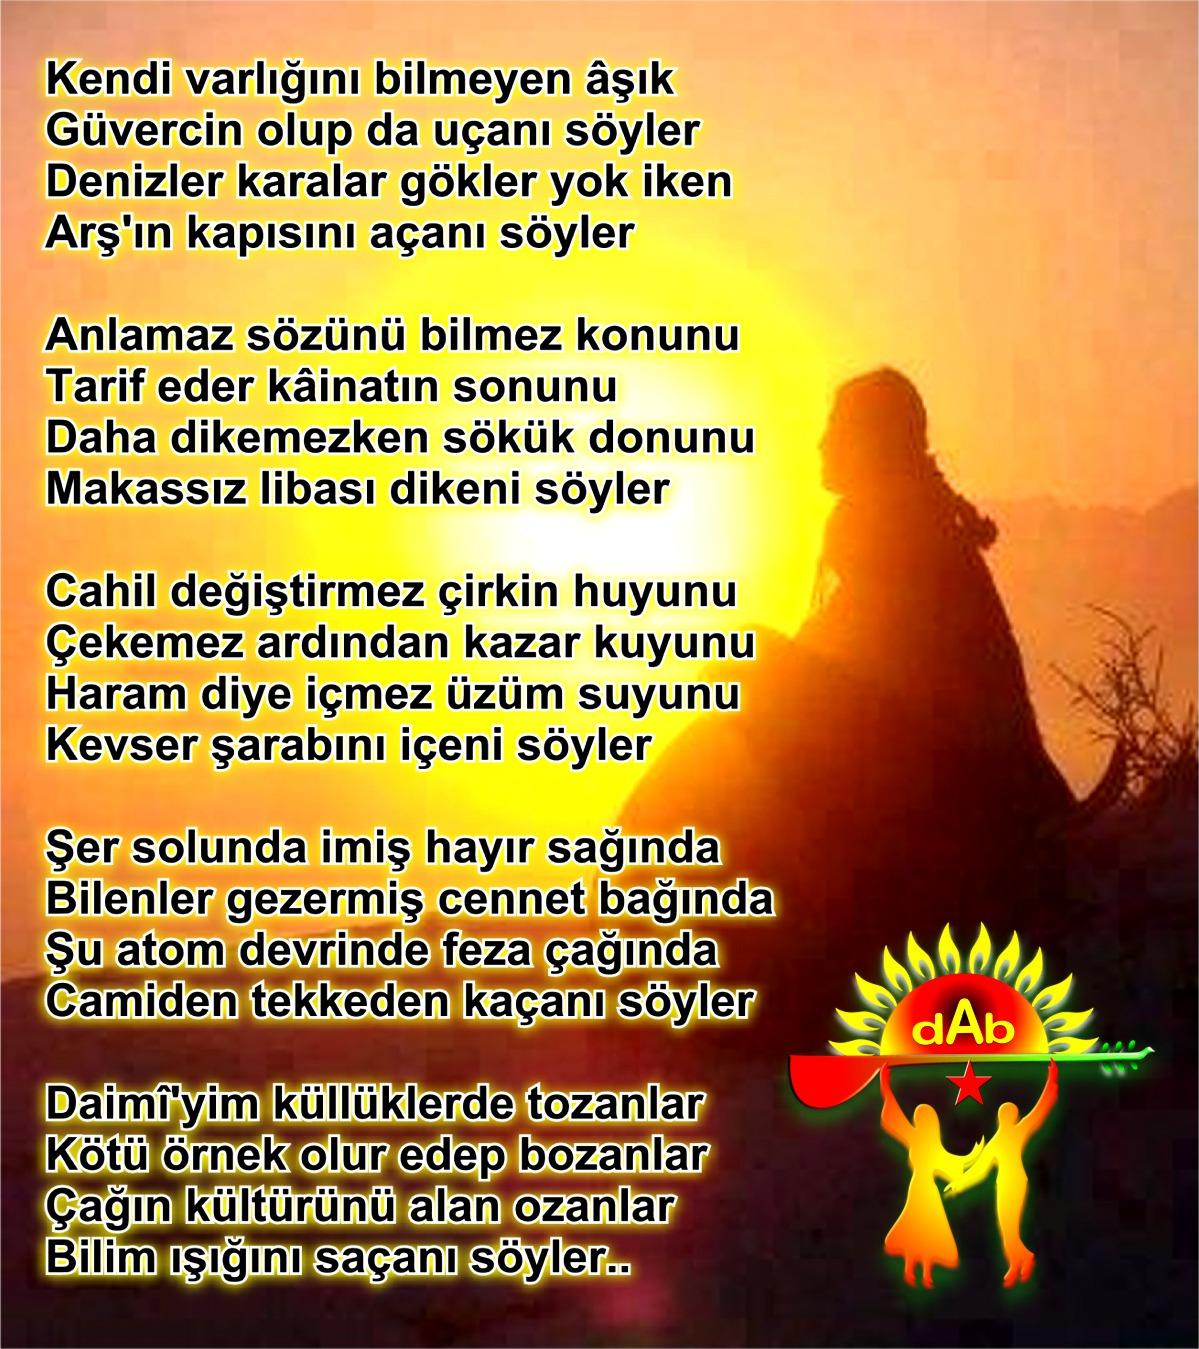 Alevi Bektaşi Kızılbaş Pir Sultan Devrimci Aleviler Birliği DAB söyler daiimi